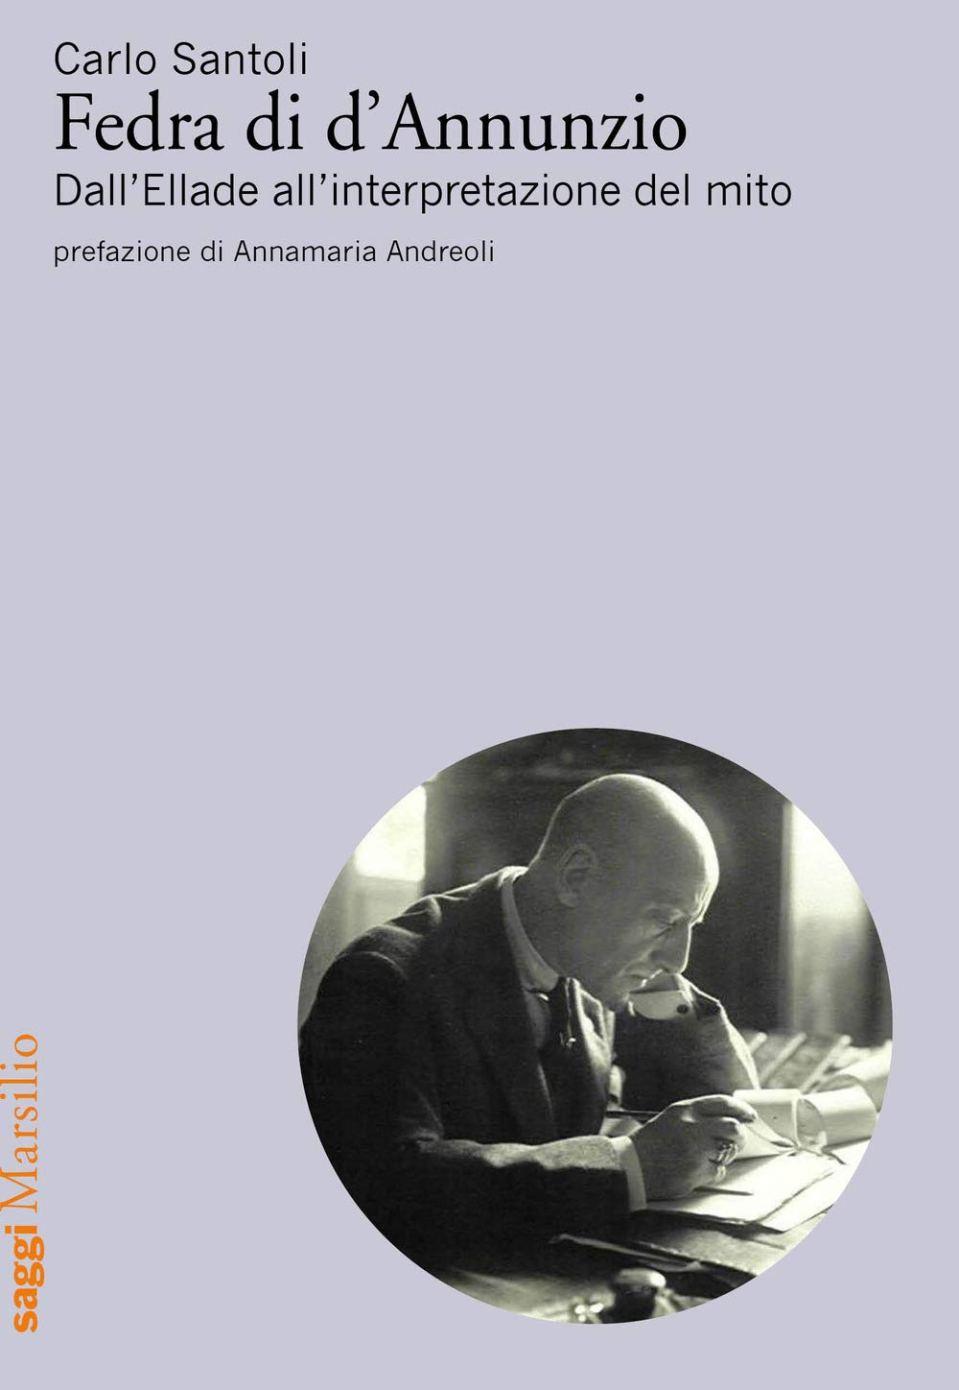 Fedra di d'Annunzio Book Cover